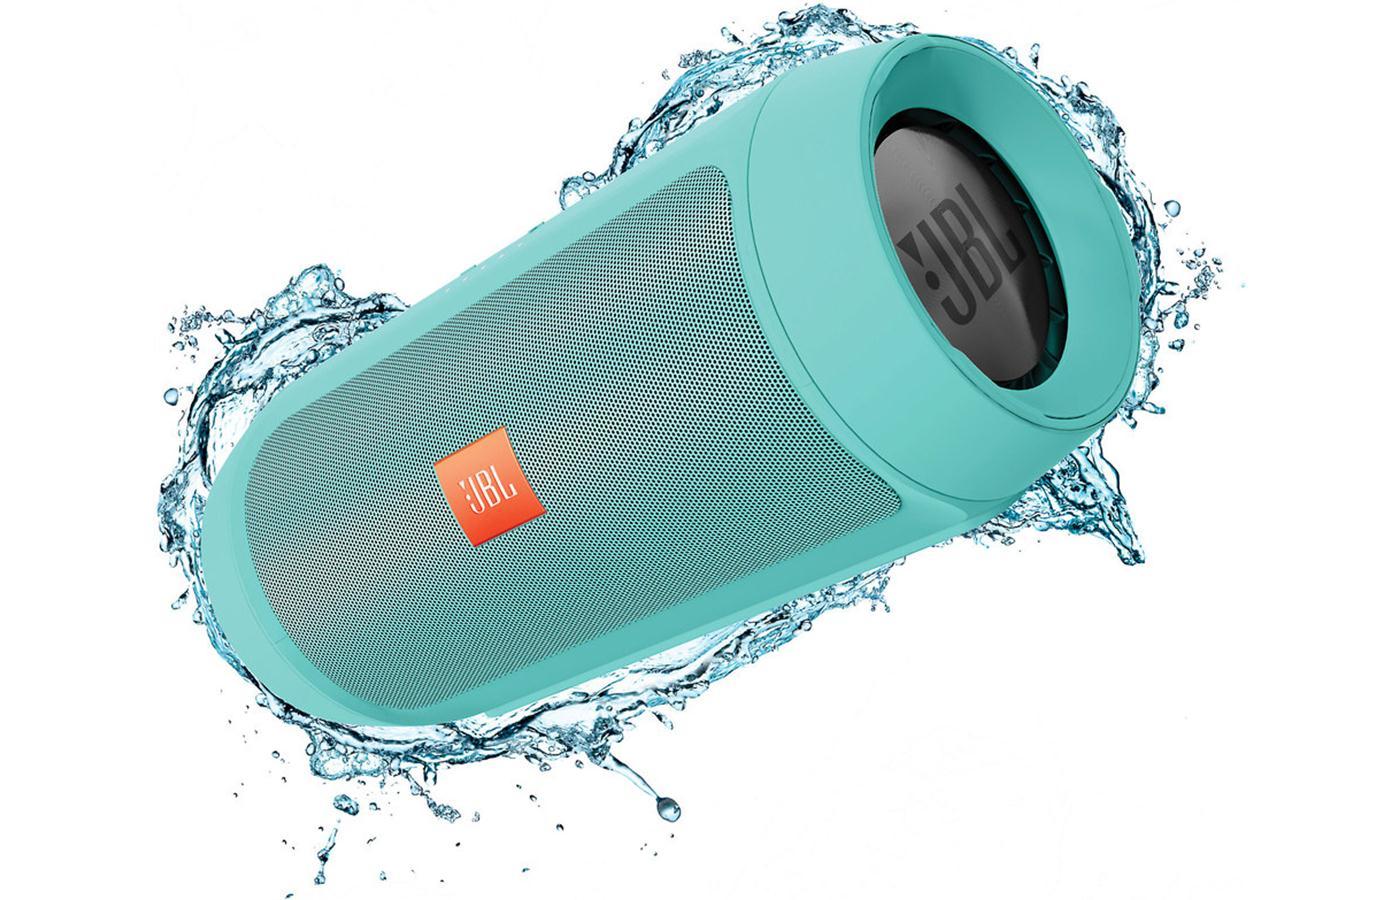 JBL Charge 2+ ลำโพงพกพากันน้ำได้ พลังเสียงเบสอิ่ม แน่น กระหึ่ม (Teal) แถมกระเป๋าฟรี 1 ใบ